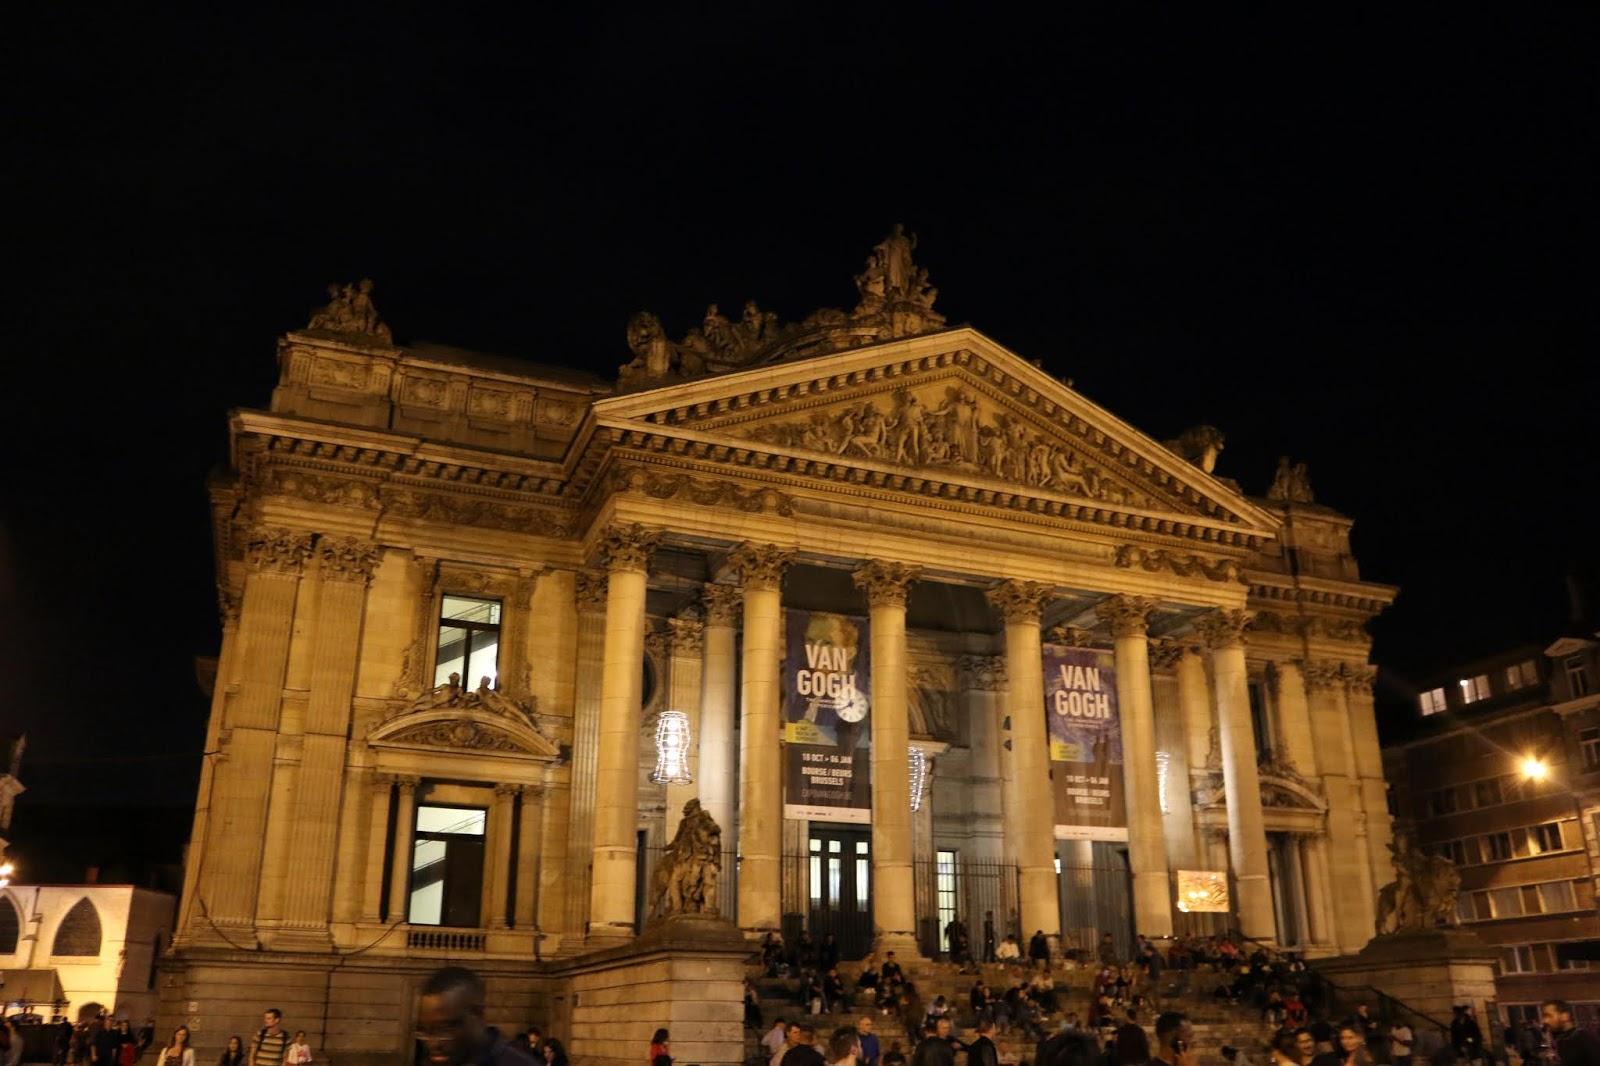 La Bourse Brussels